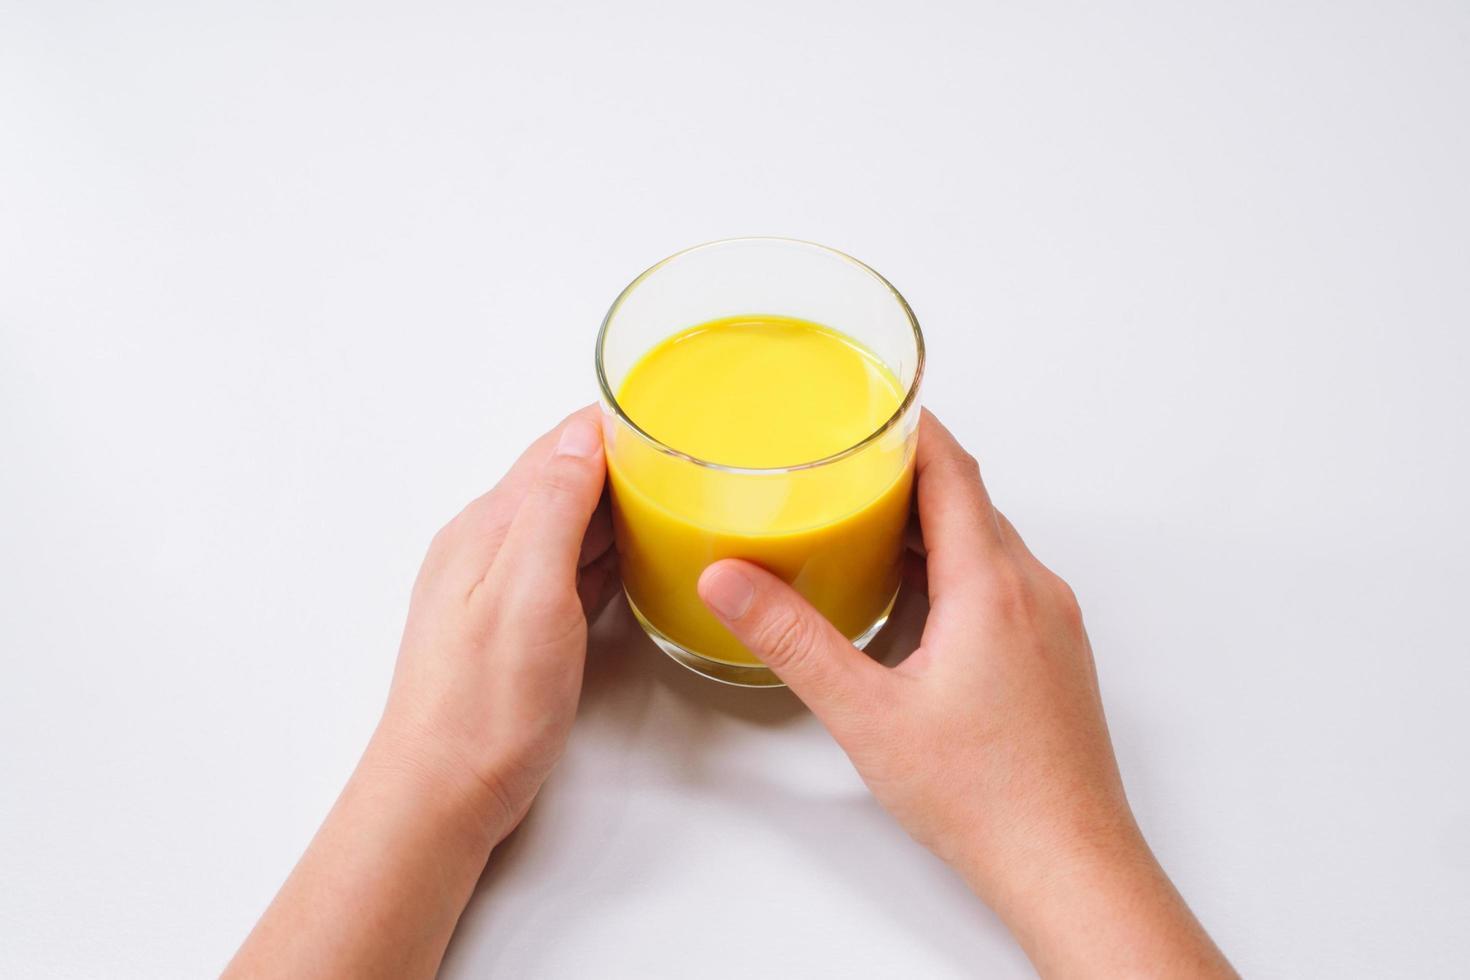 mani che tengono un bicchiere di latte dorato curcuma latte foto